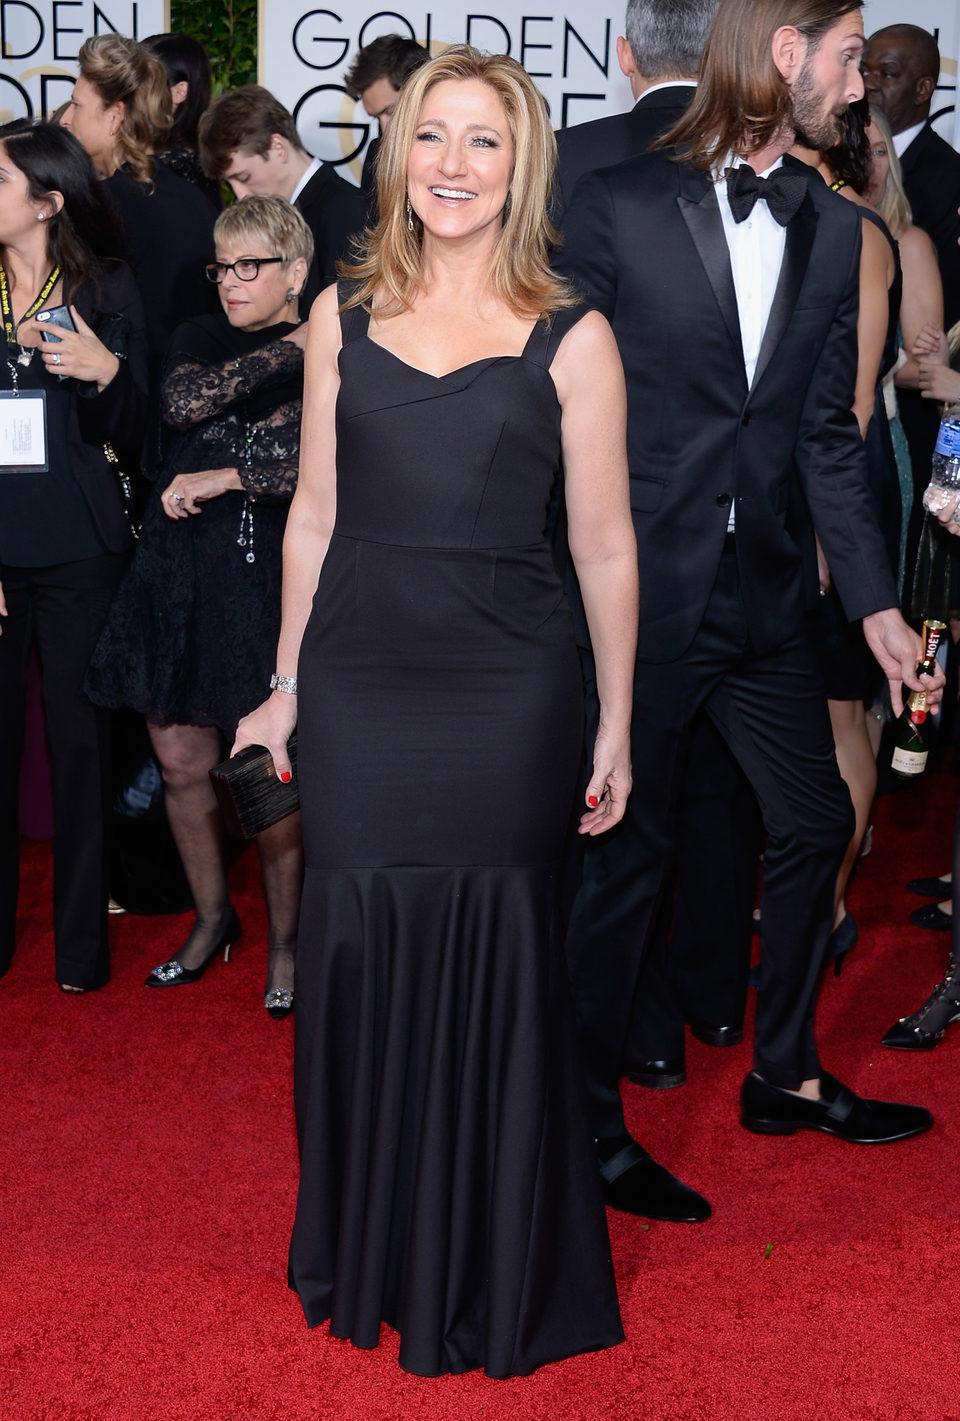 Edie Falco en la alfombra roja de los Globos de Oro 2015